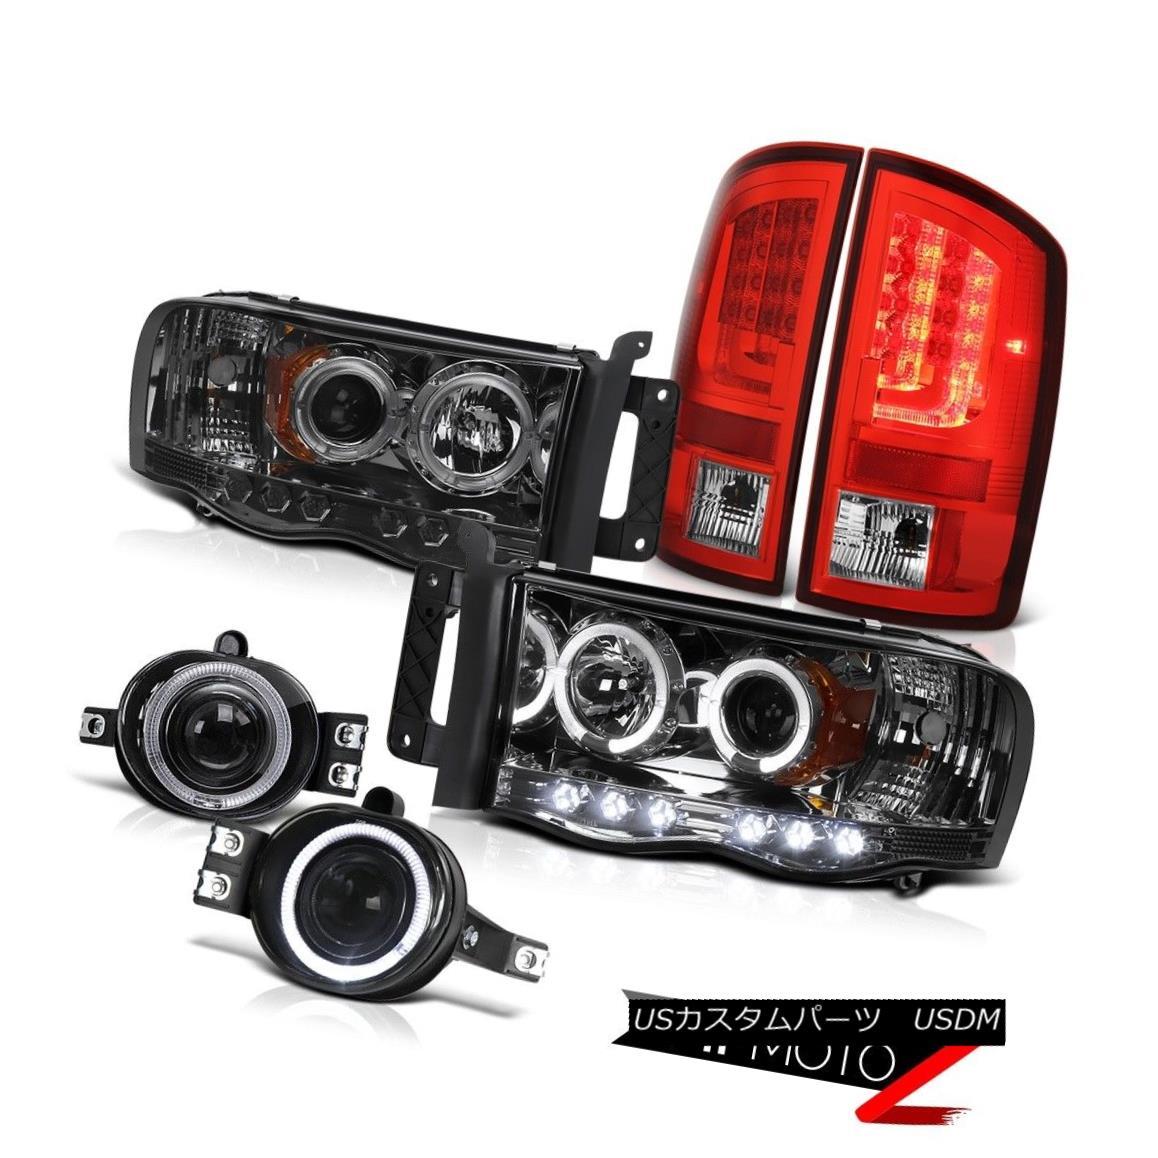 テールライト 02-05 Dodge Ram 2500 3500 WS Bloody Red Tail Lights Headlights Fog LED Halo Rim 02-05 Dodge Ram 2500 3500 WSブラッディレッドテールライトヘッドライトフォグLEDハローリム